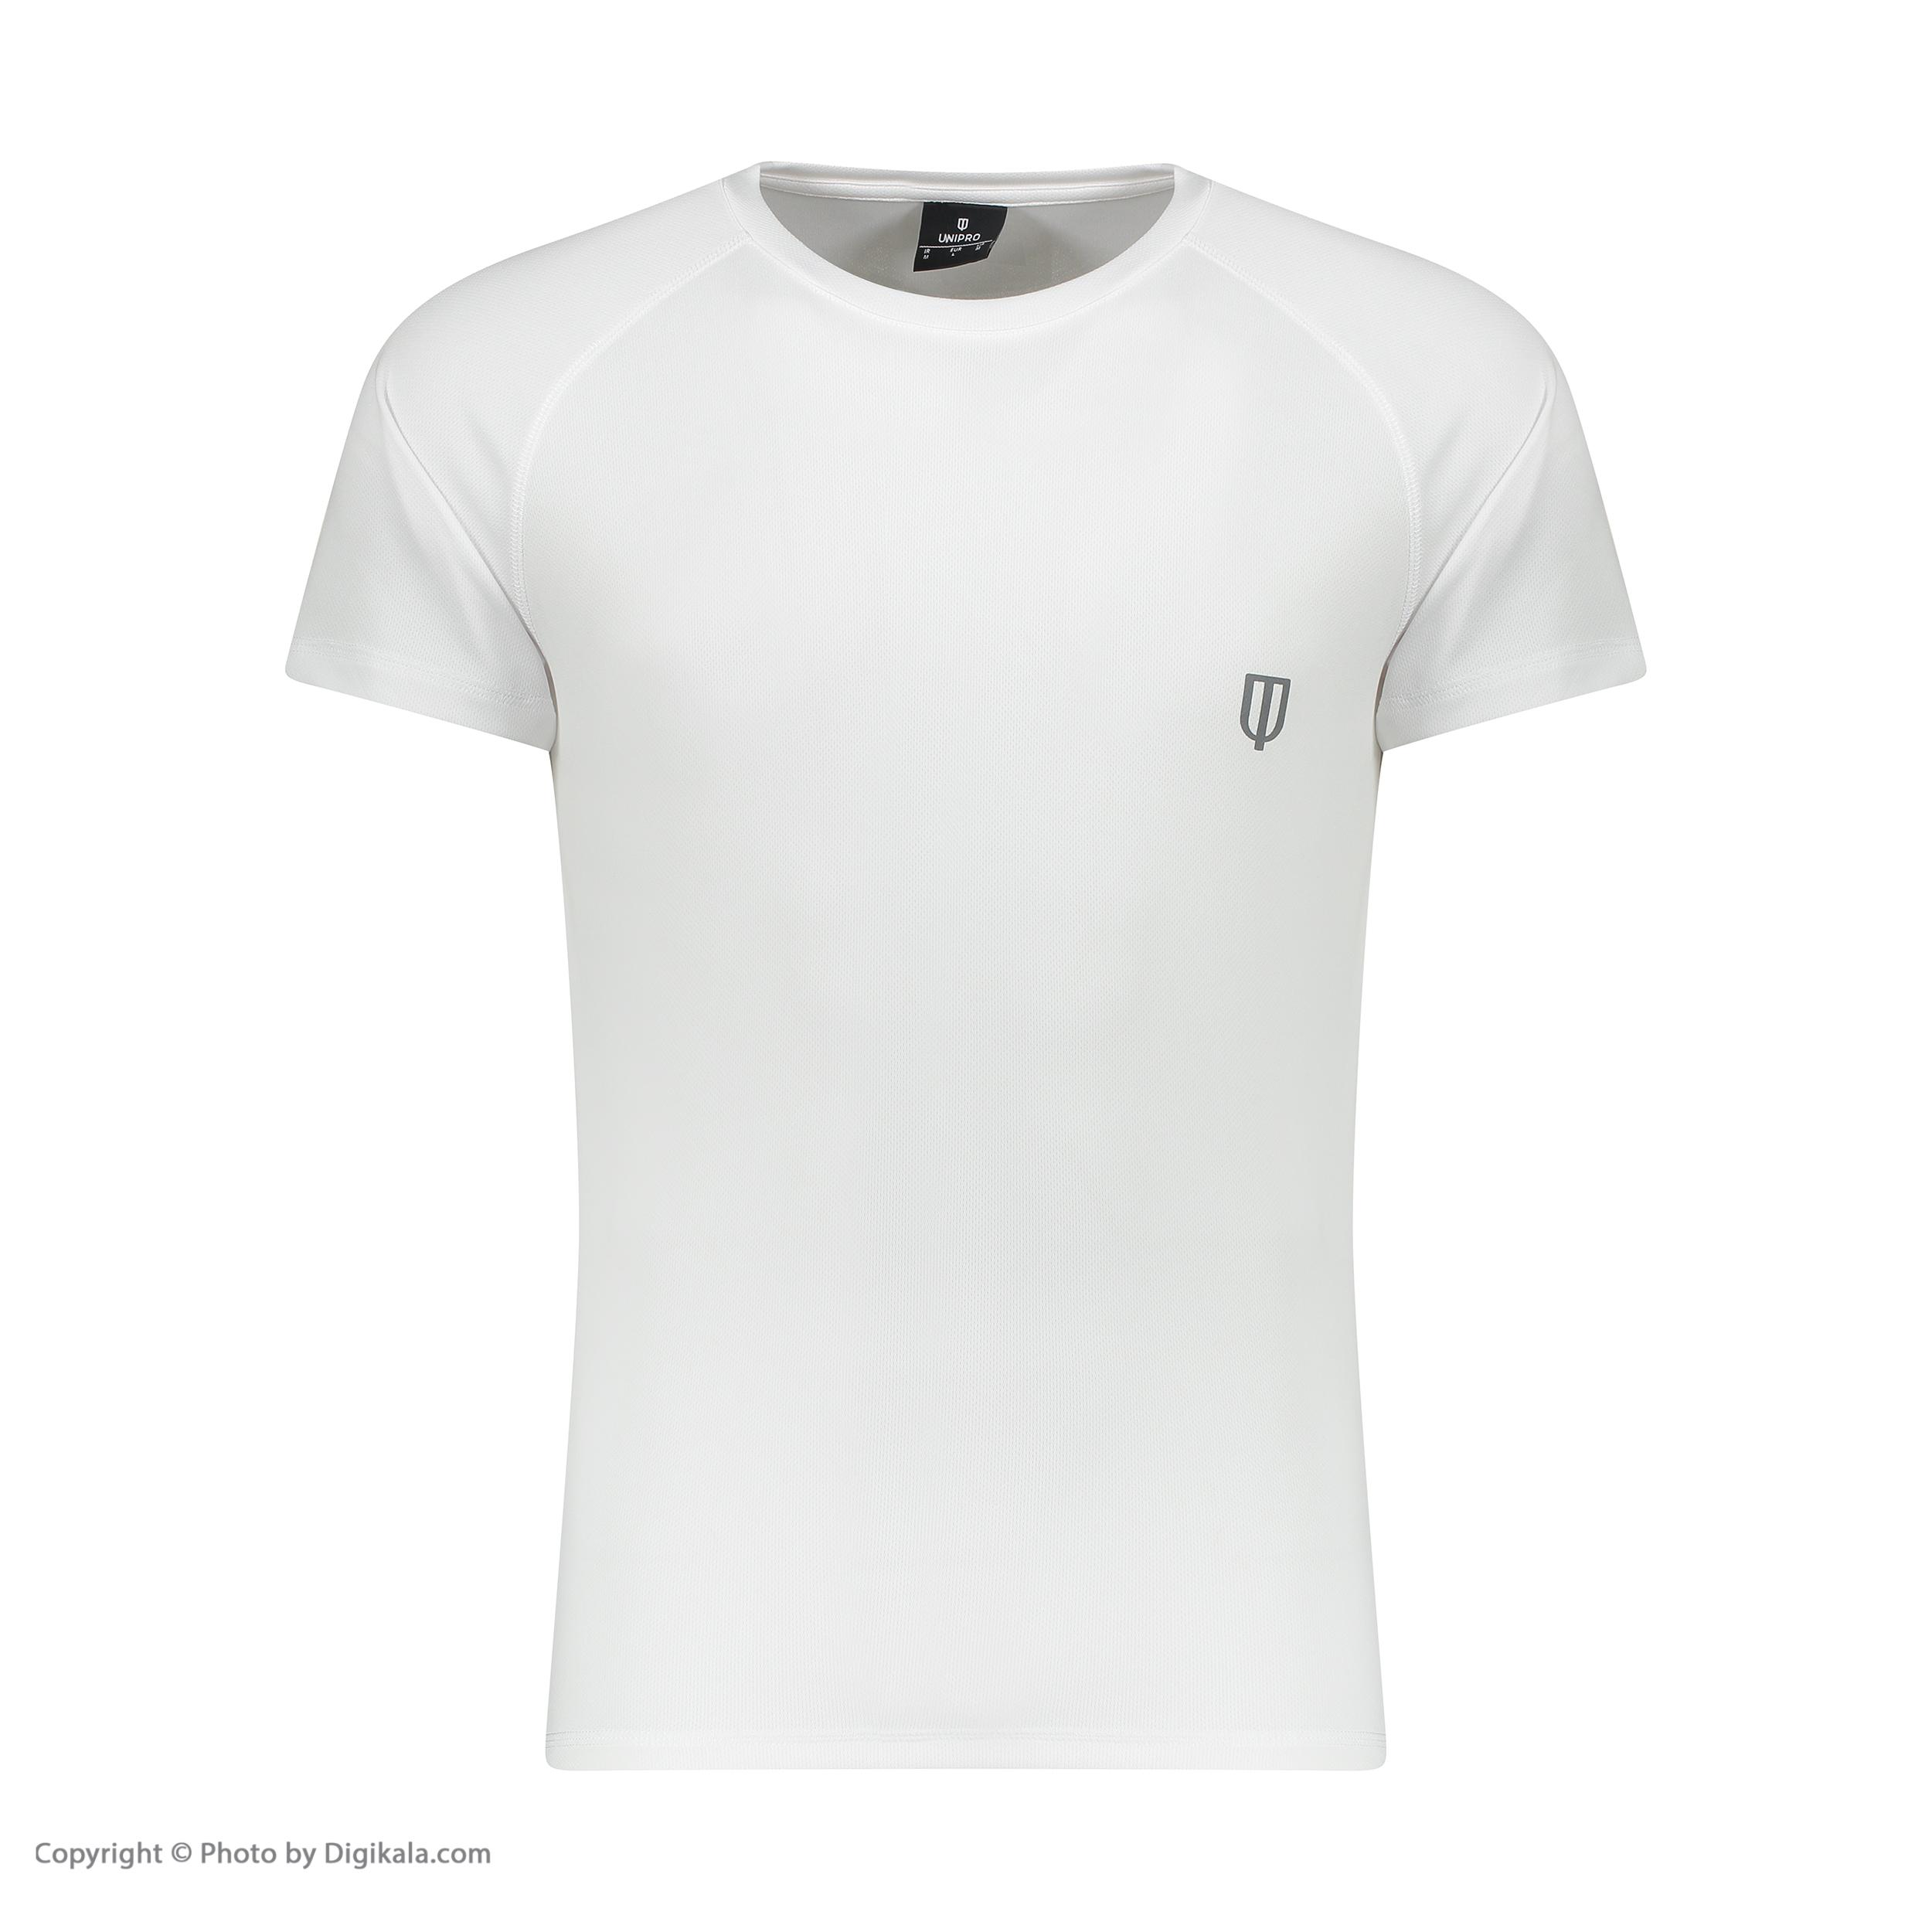 تی شرت ورزشی مردانه یونی پرو مدل 912110312-00